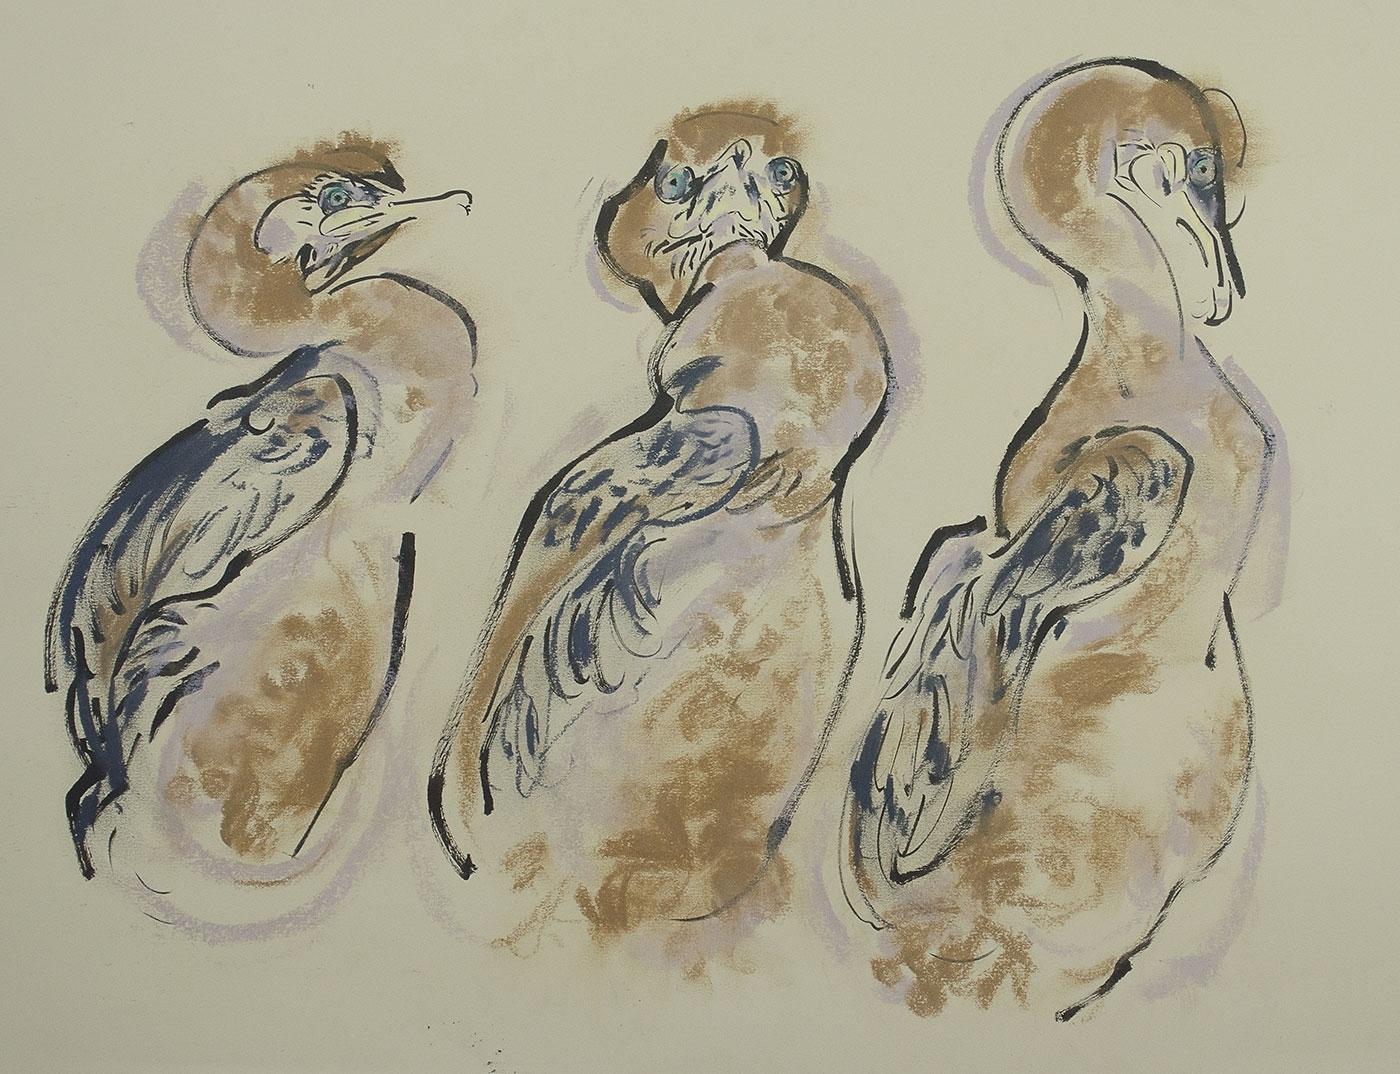 <p><em>Three Shag chicks</em></p>